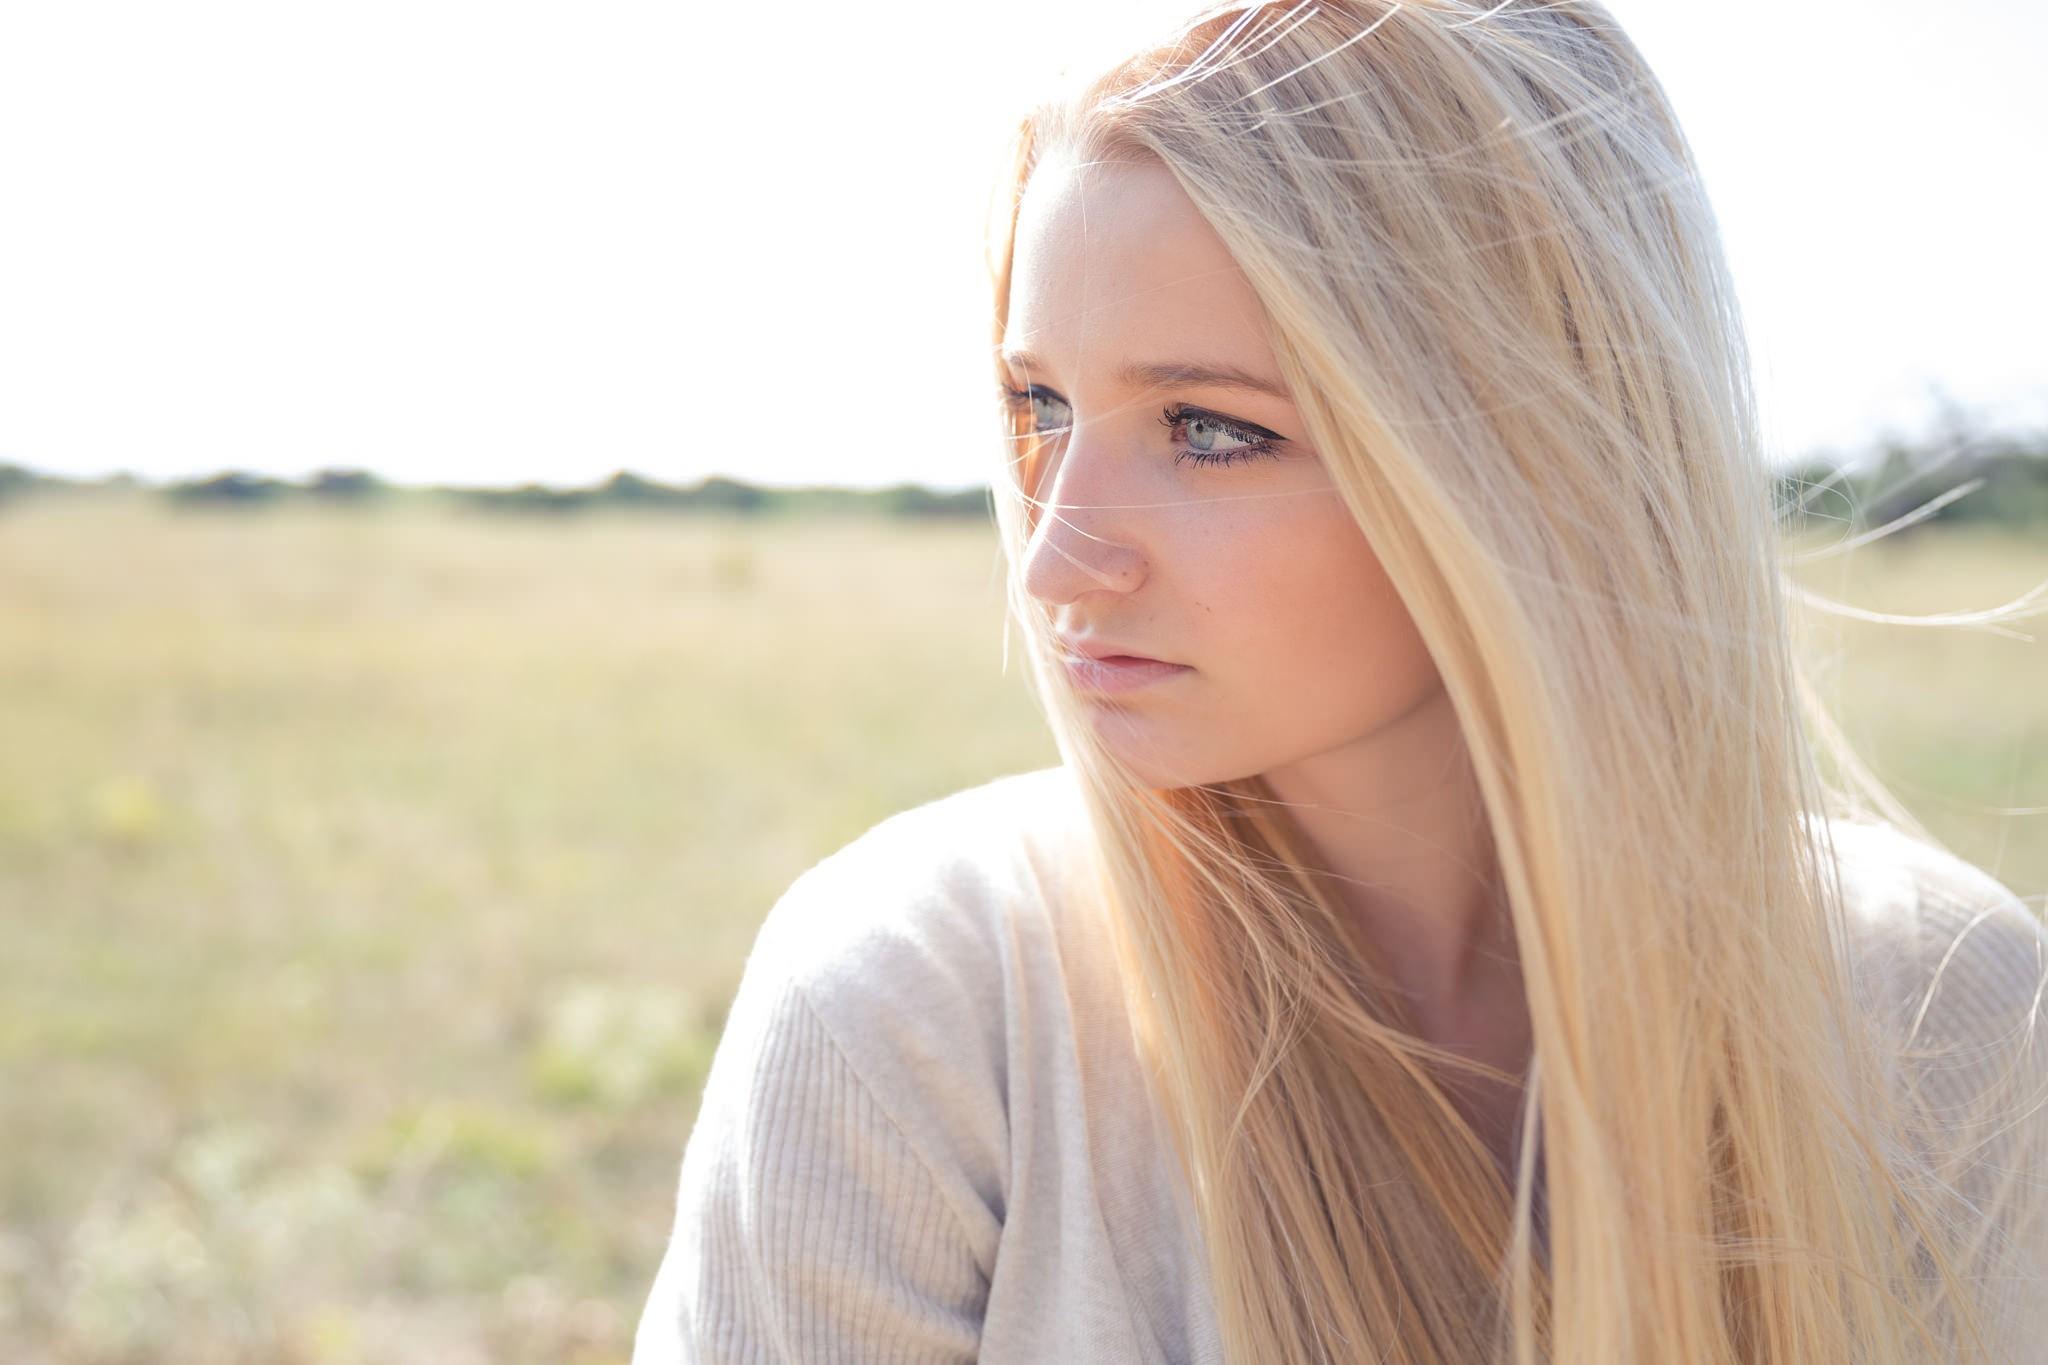 Светлые волосы картинки девочки